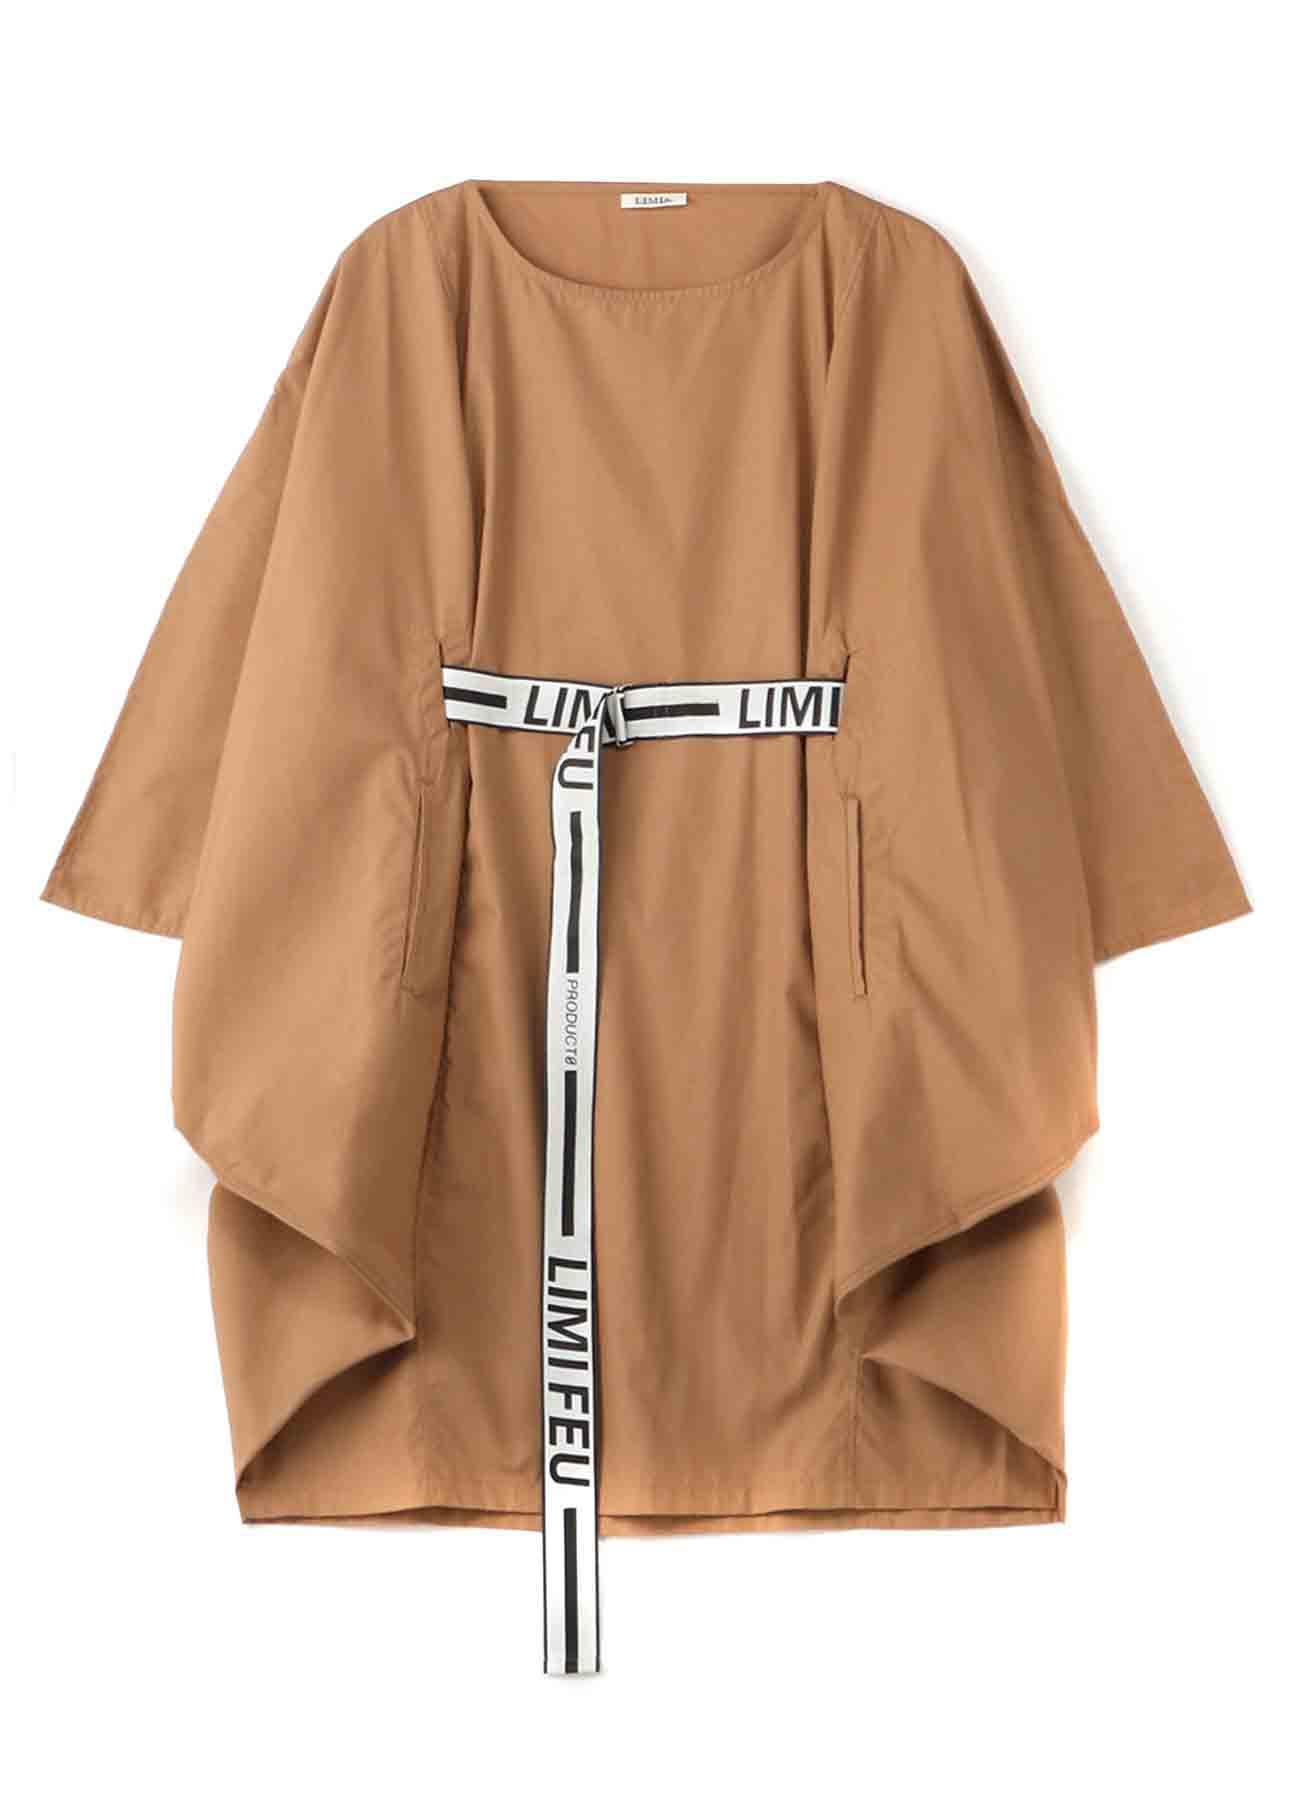 Pe/Cブロードベルト付ドレス